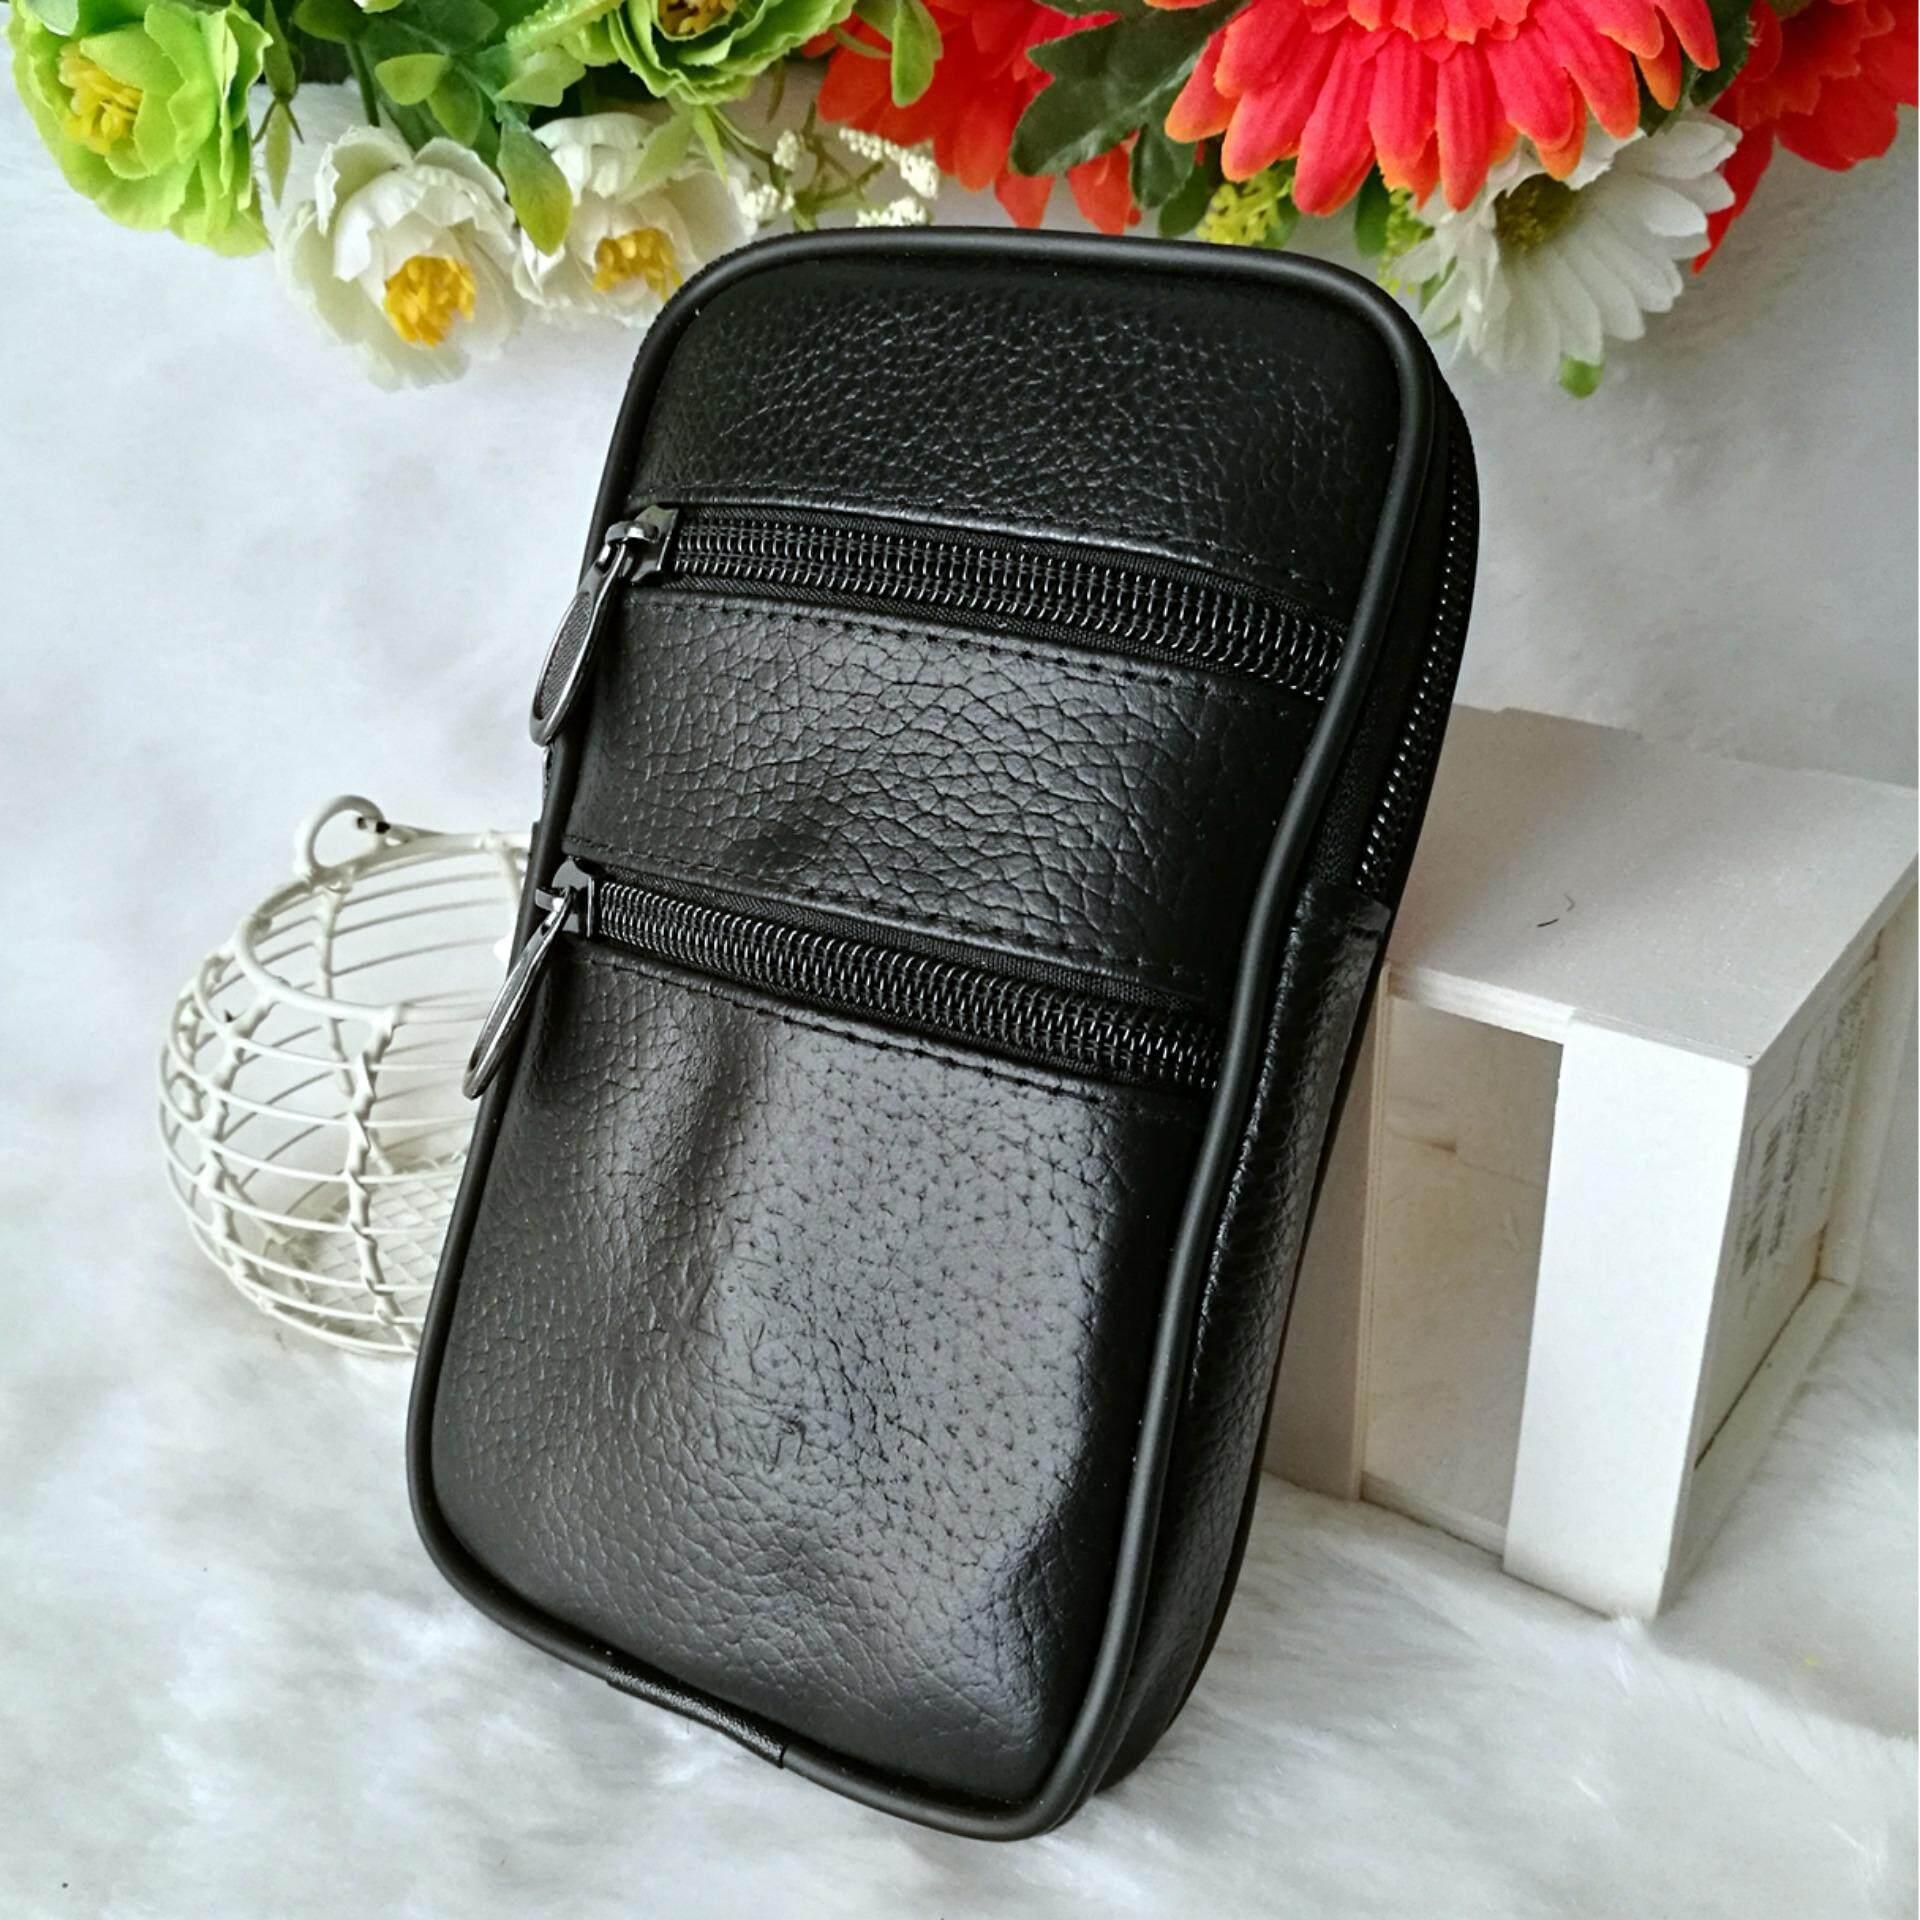 ซื้อ Leather Inc กระเป๋า ใส่มือถือแบบคาดเข็มขัดได้ หนังแท้หนังนิ่ม รุ่น Bmb001 2 สีดำ ออนไลน์ ไทย